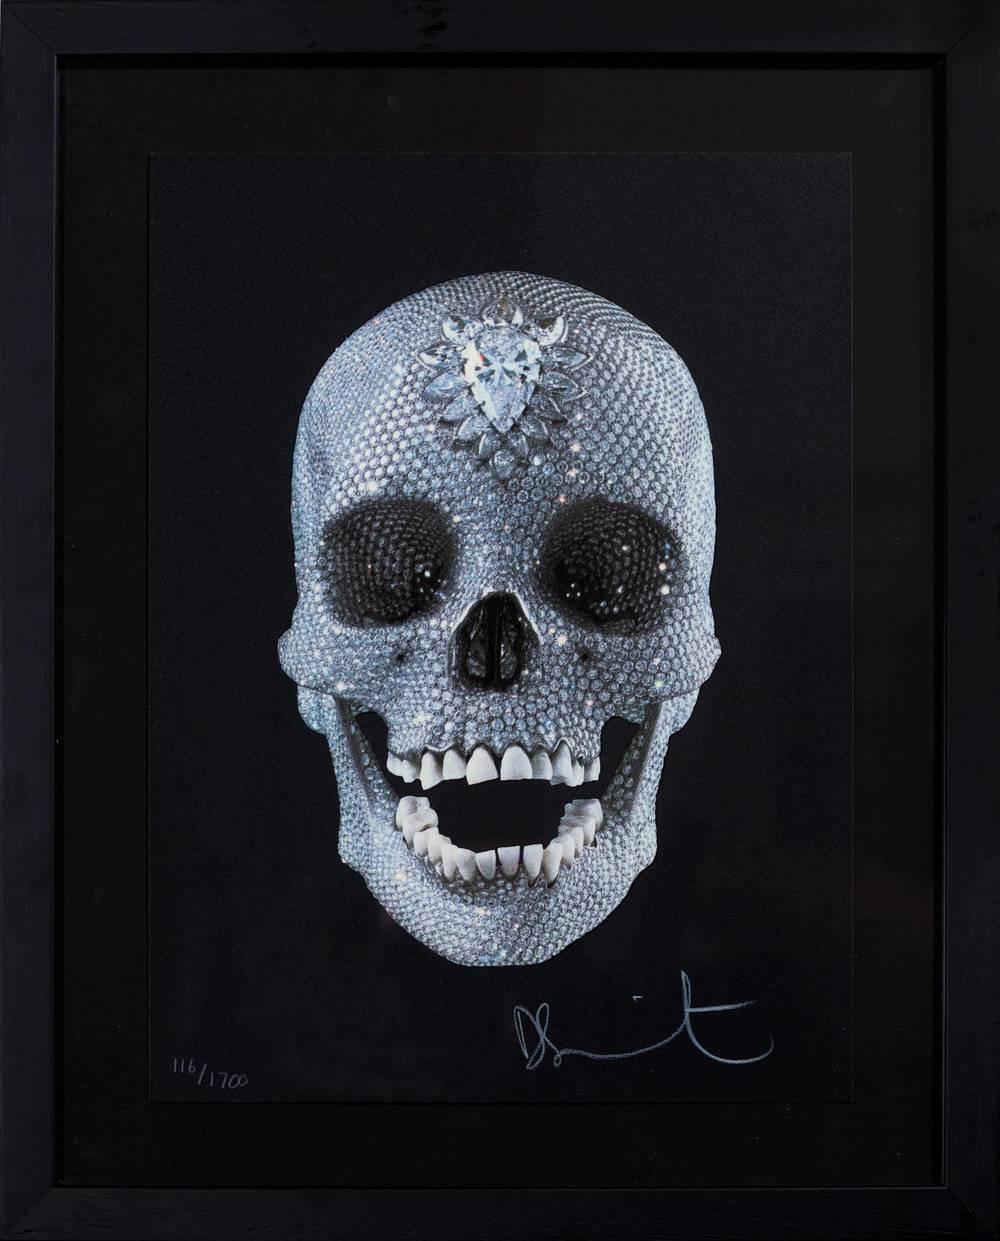 Damien Hirst, For the Love of God, believe,  2007,Siebdruck auf Papier, Glasur, 30 x 24 cm.